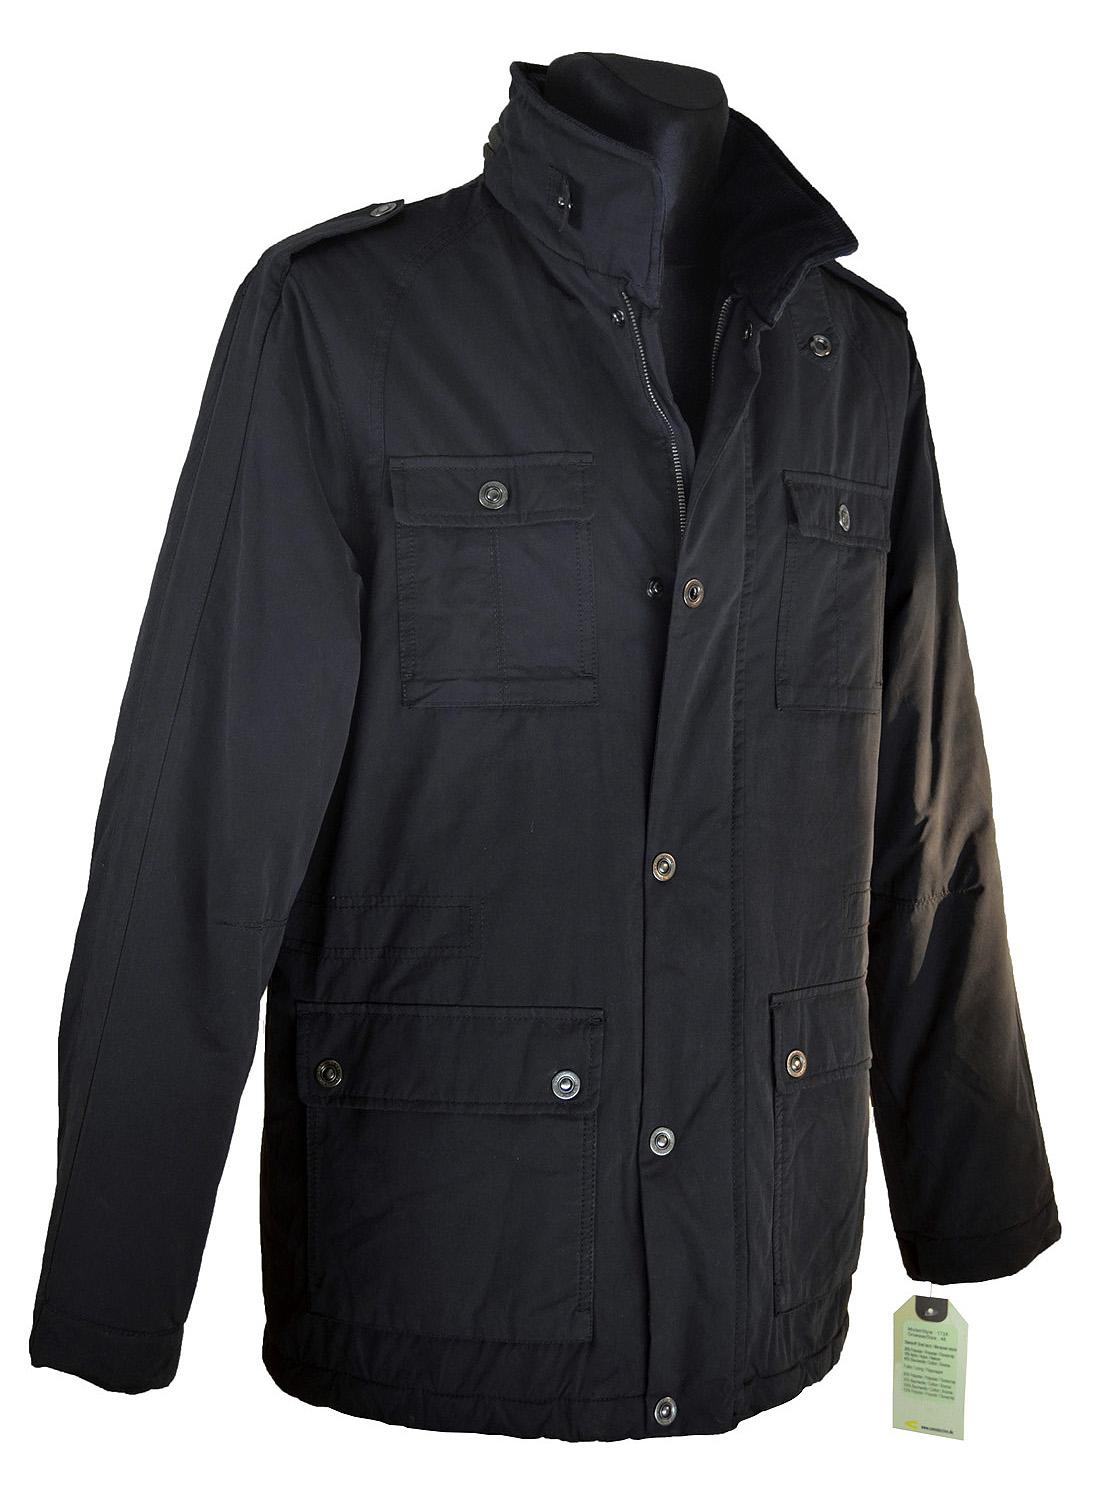 9b0afa91f90c Мужская осенняя куртка Camel Active коричневая. демисезонная куртка Camel  Active